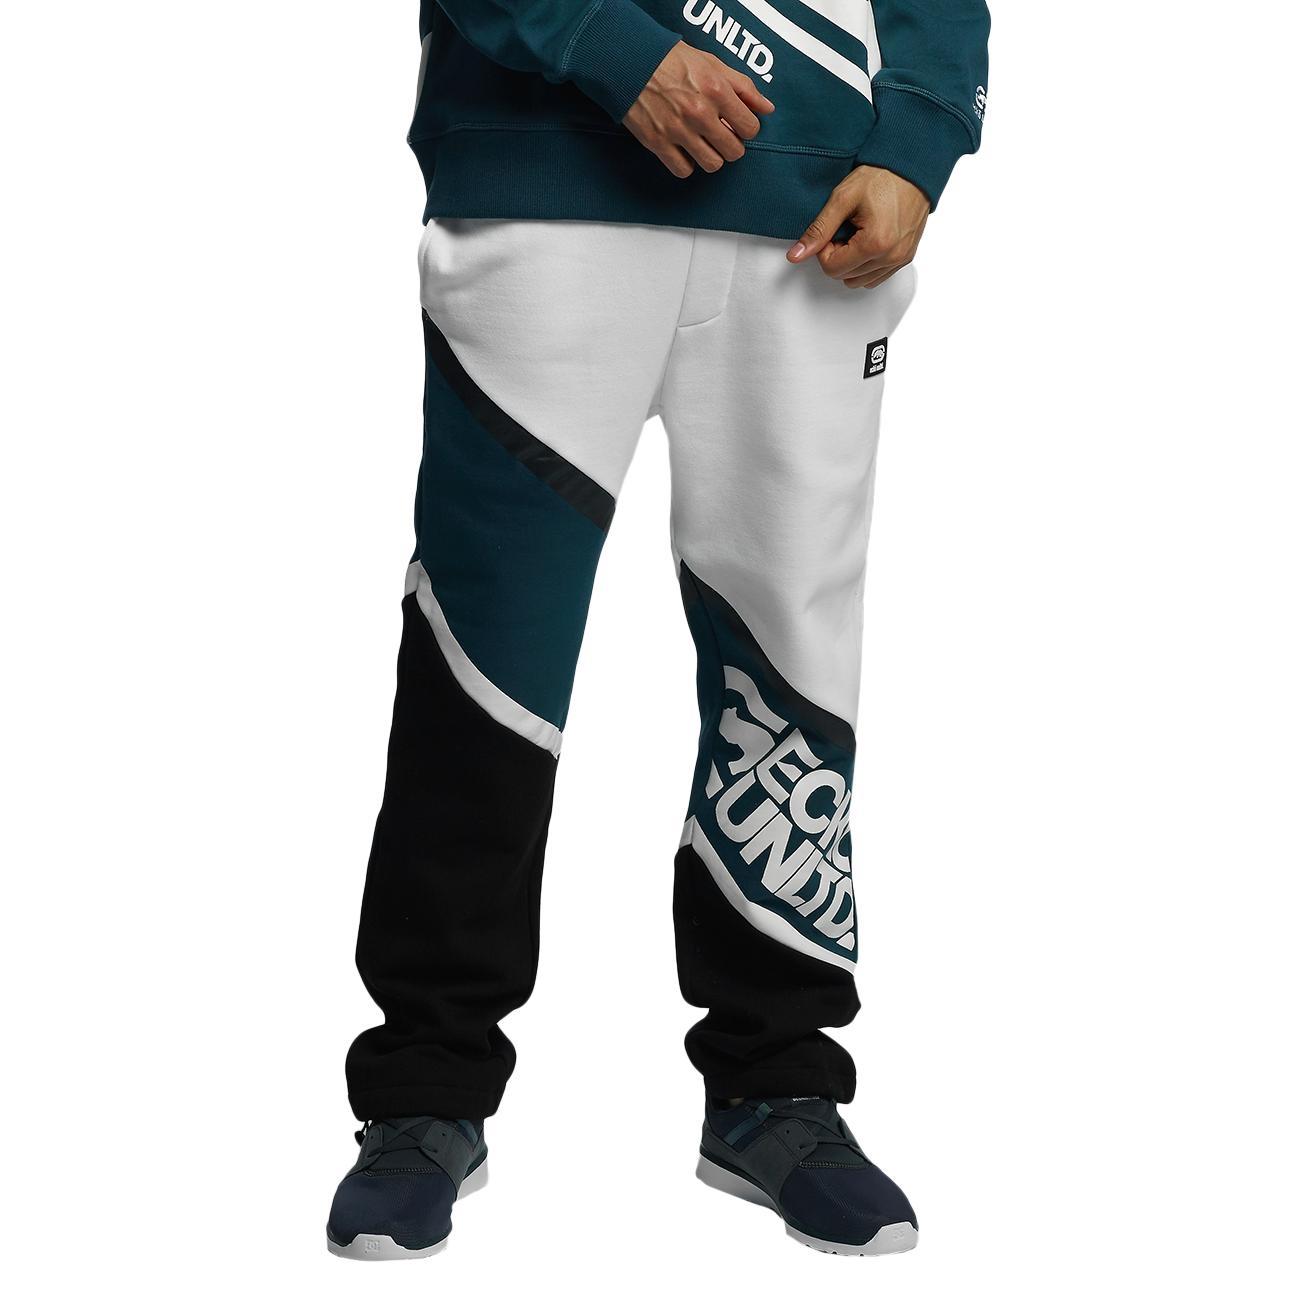 Ecko-Unltd-Vintage-Sweatpants-Jogginghose